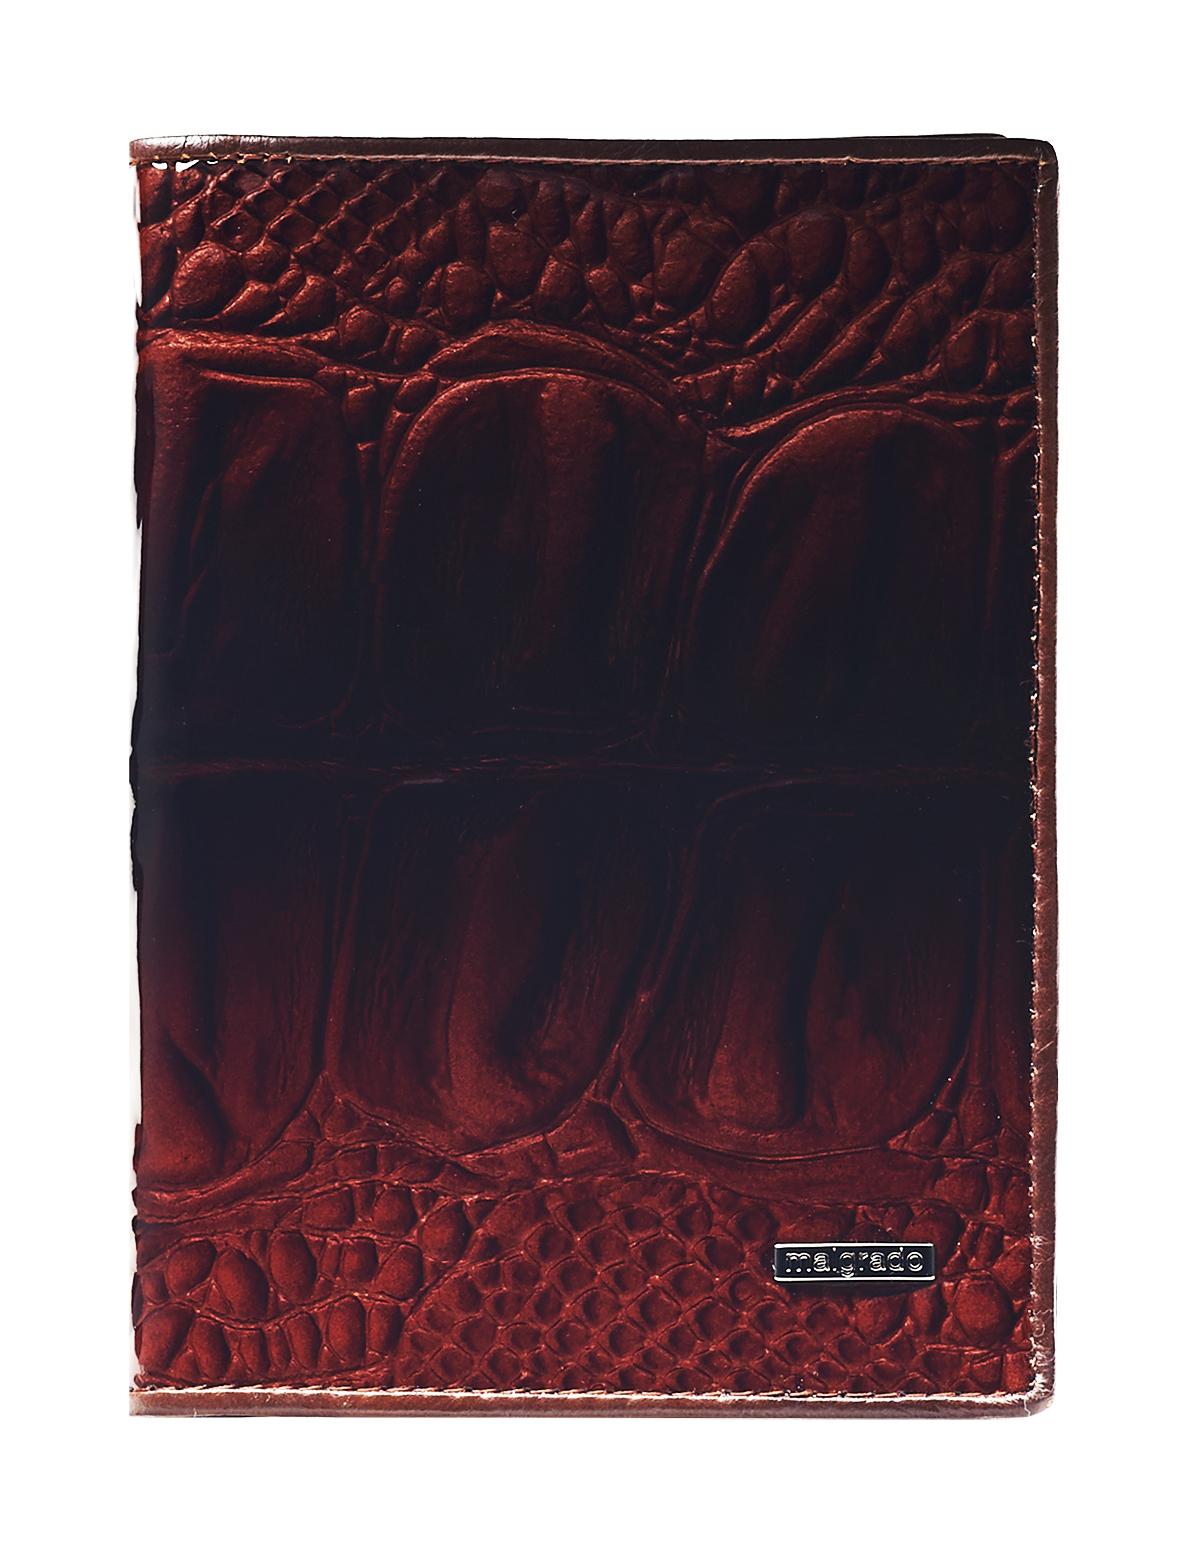 Обложка для паспорта женская Malgrado, цвет: коричневый. 54019-0440354019-04403 BrownСтильная обложка для паспорта Malgrado выполнена из натуральной лакированной кожи с тиснением под рептилию и оформлена металлической фурнитурой с символикой бренда. Изделие раскладывается пополам. Внутри расположены два накладных кармана, один из которых дополнен прозрачной вставкой из пластика, и пять накладных кармашков для пластиковых карт или визиток. Изделие дополнено съемным блоком для хранения автодокументов. Блок включает в себя четыре стандартных файла, один файл для хранения водительского удостоверения и один файл формата А3. Обложка для паспорта поставляется в фирменной упаковке. Обложка для паспорта поможет сохранить внешний вид ваших документов и защитит их от повреждений, а также станет стильным аксессуаром, который подчеркнет ваш образ.